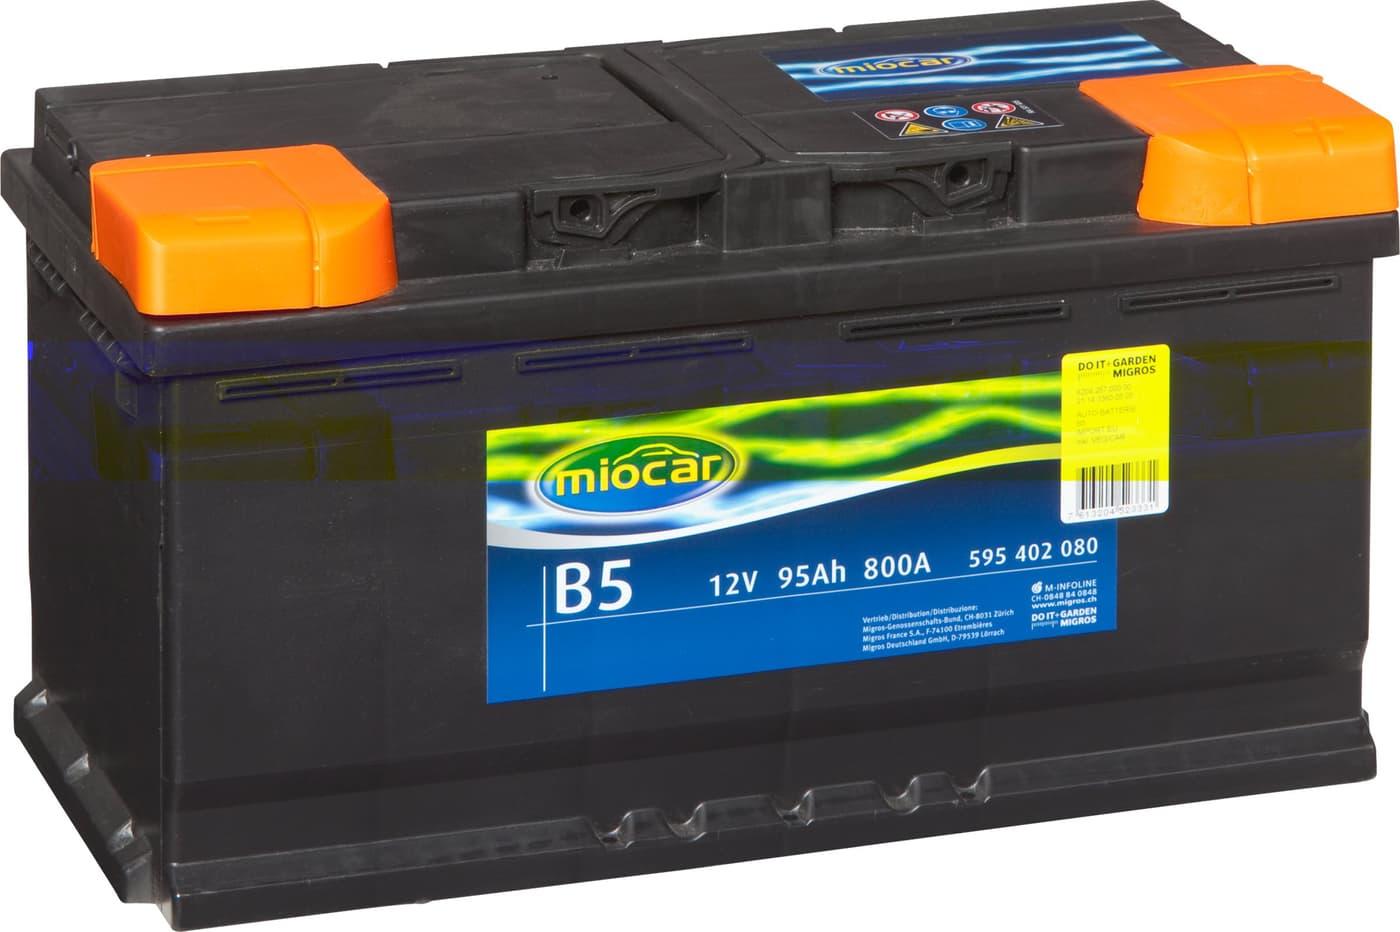 miocar autobatterie b5 12v 95ah 800a migros. Black Bedroom Furniture Sets. Home Design Ideas